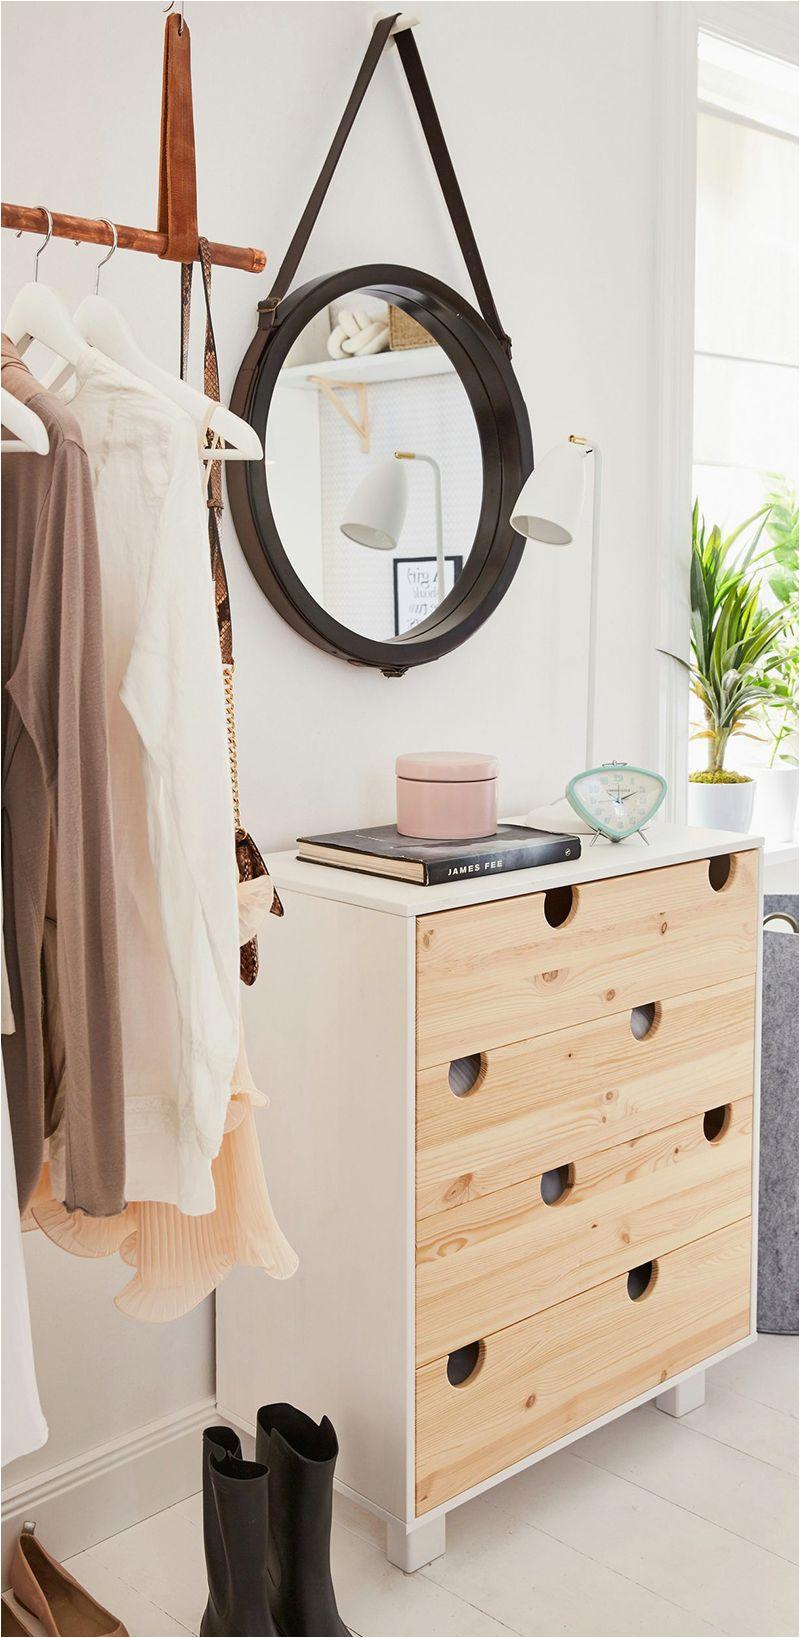 Badezimmerspiegel Nostalgie Home Affaire Spiegel Mit Stilvoller Verzierung